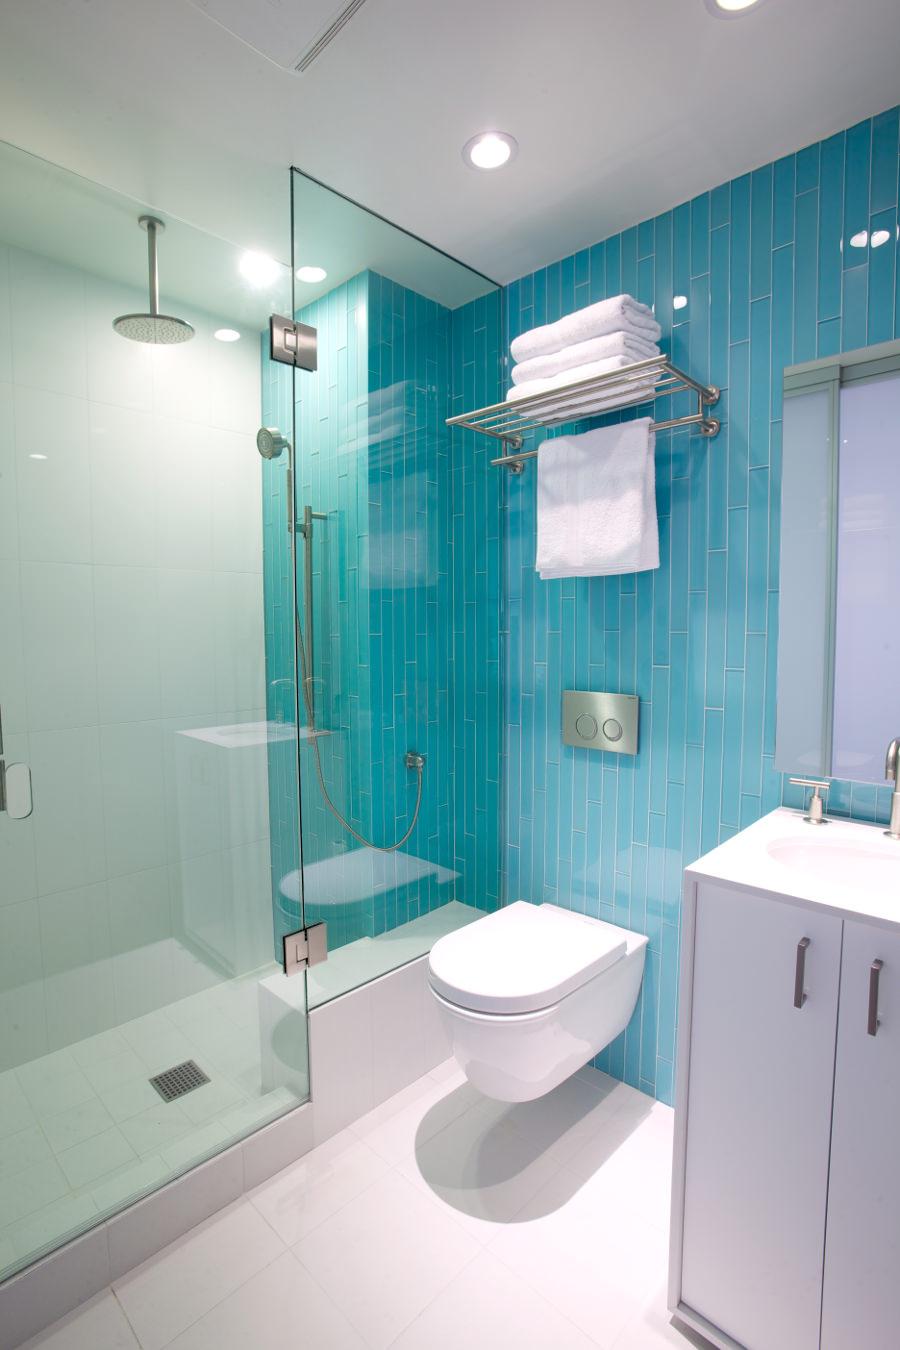 18 Turquoise Bathroom Designs Decorating Ideas  Design Trends  Premium PSD Vector Downloads